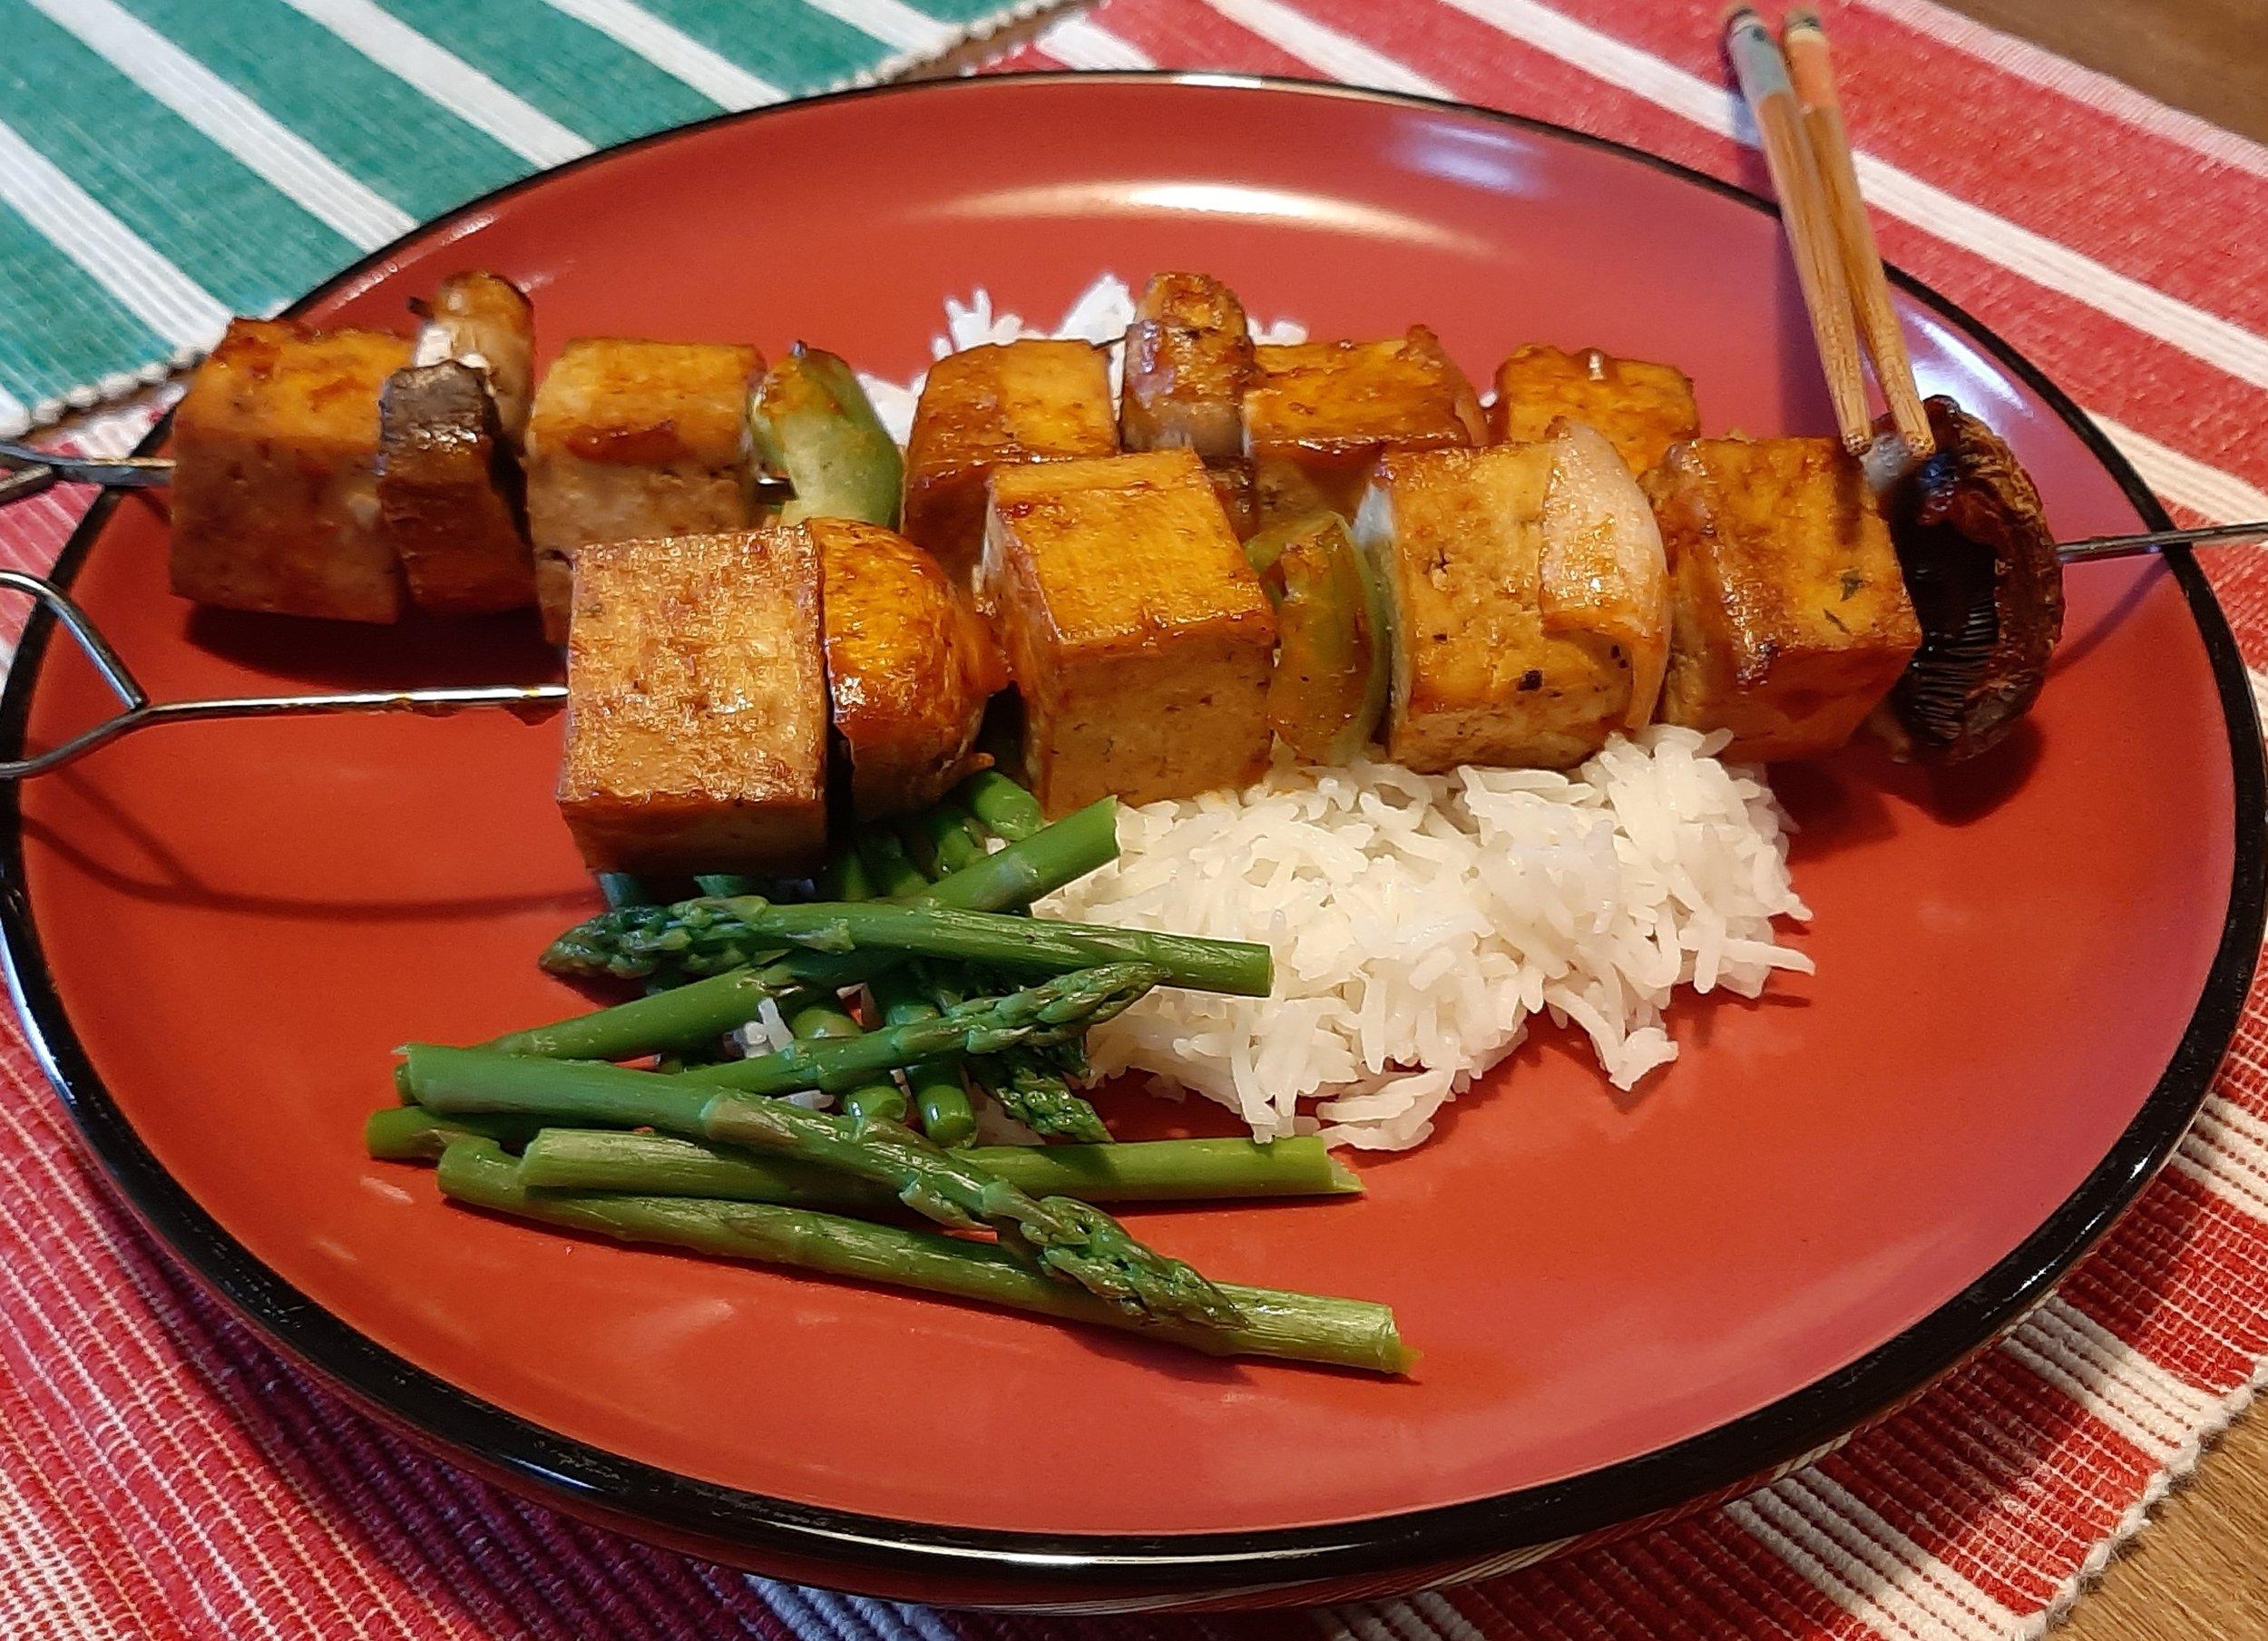 recette-végé-végétarienne-brochette-tofu-mariné-bbq-barbecue